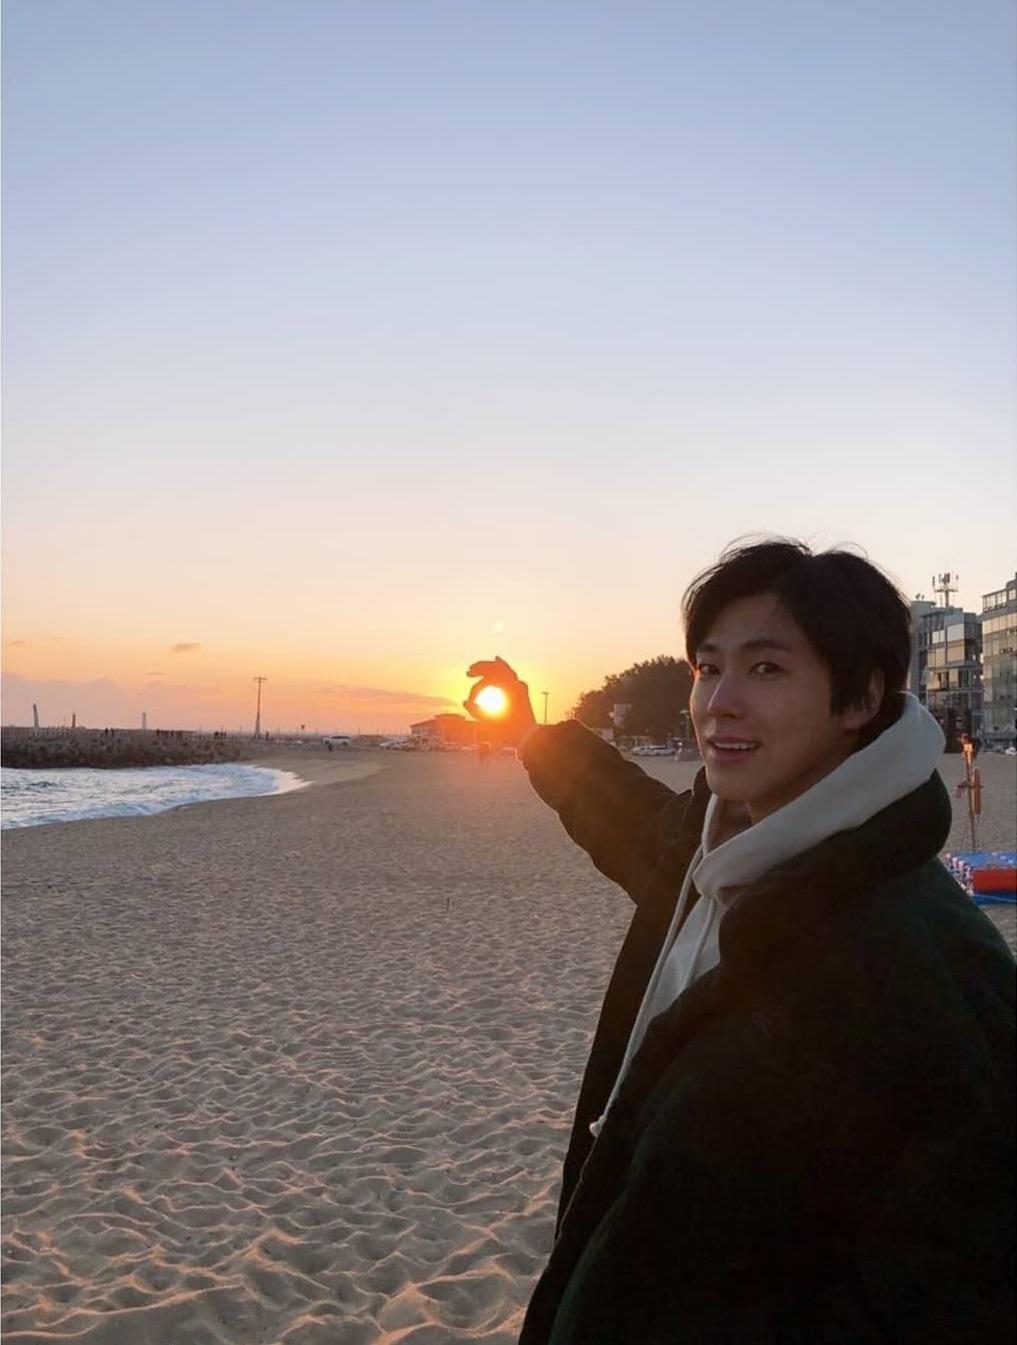 郑允浩公开了与新年第一次日出的近况照片